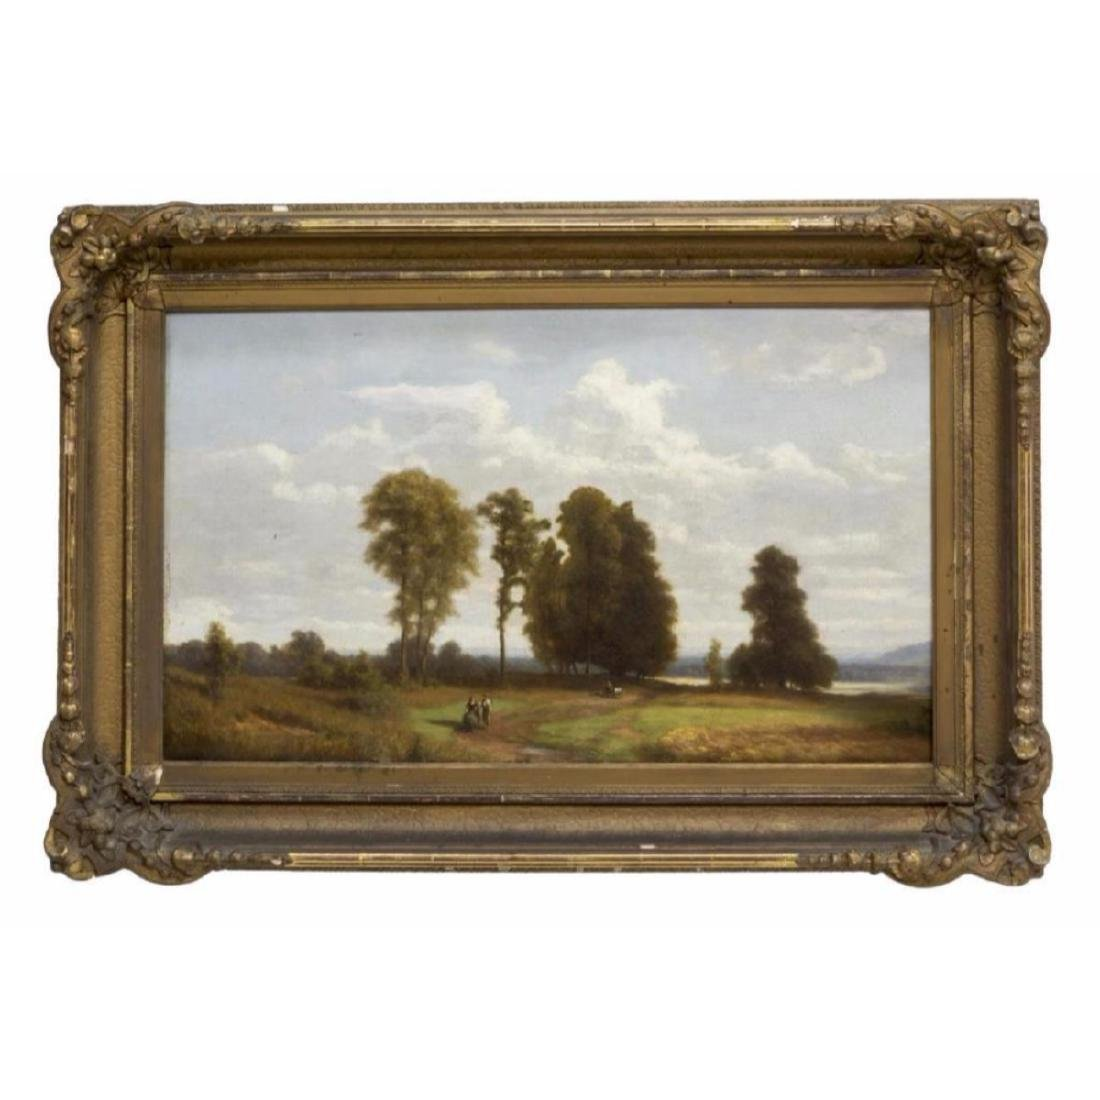 Framed Oil On Board Painting, Landscape - 2